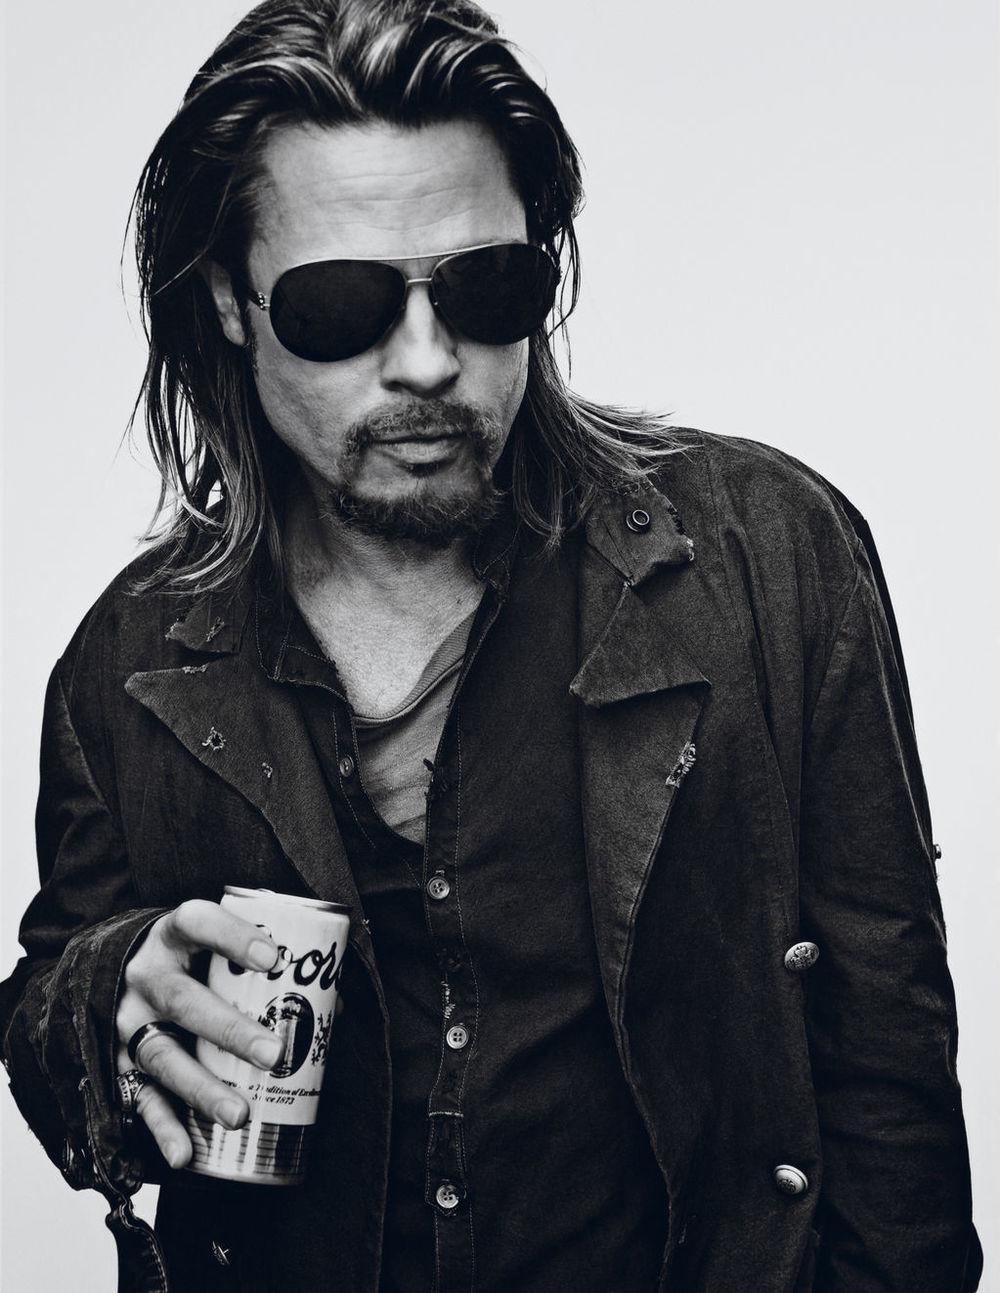 E a nossa festinha de aniversário realmente é um sucesso. Na cola de Keith, mas 30 anos mais novo, vem Brad Pitt. Ele pode não ser assim um ícone de estilo. Ele não veste as roupas mais bonitas e charmosas. Mas é elegante. É daqueles que basta vestir uma camisa branca e uma calça jeans que já fica estiloso. Mais experiente e sábio, foi só largar as mechas loiras e as camisas brilhosas para o moço começar a ser visto com outros olhos pelo mercado da moda, chegando a estrelar comerciais para a Chanel e muitas outras.